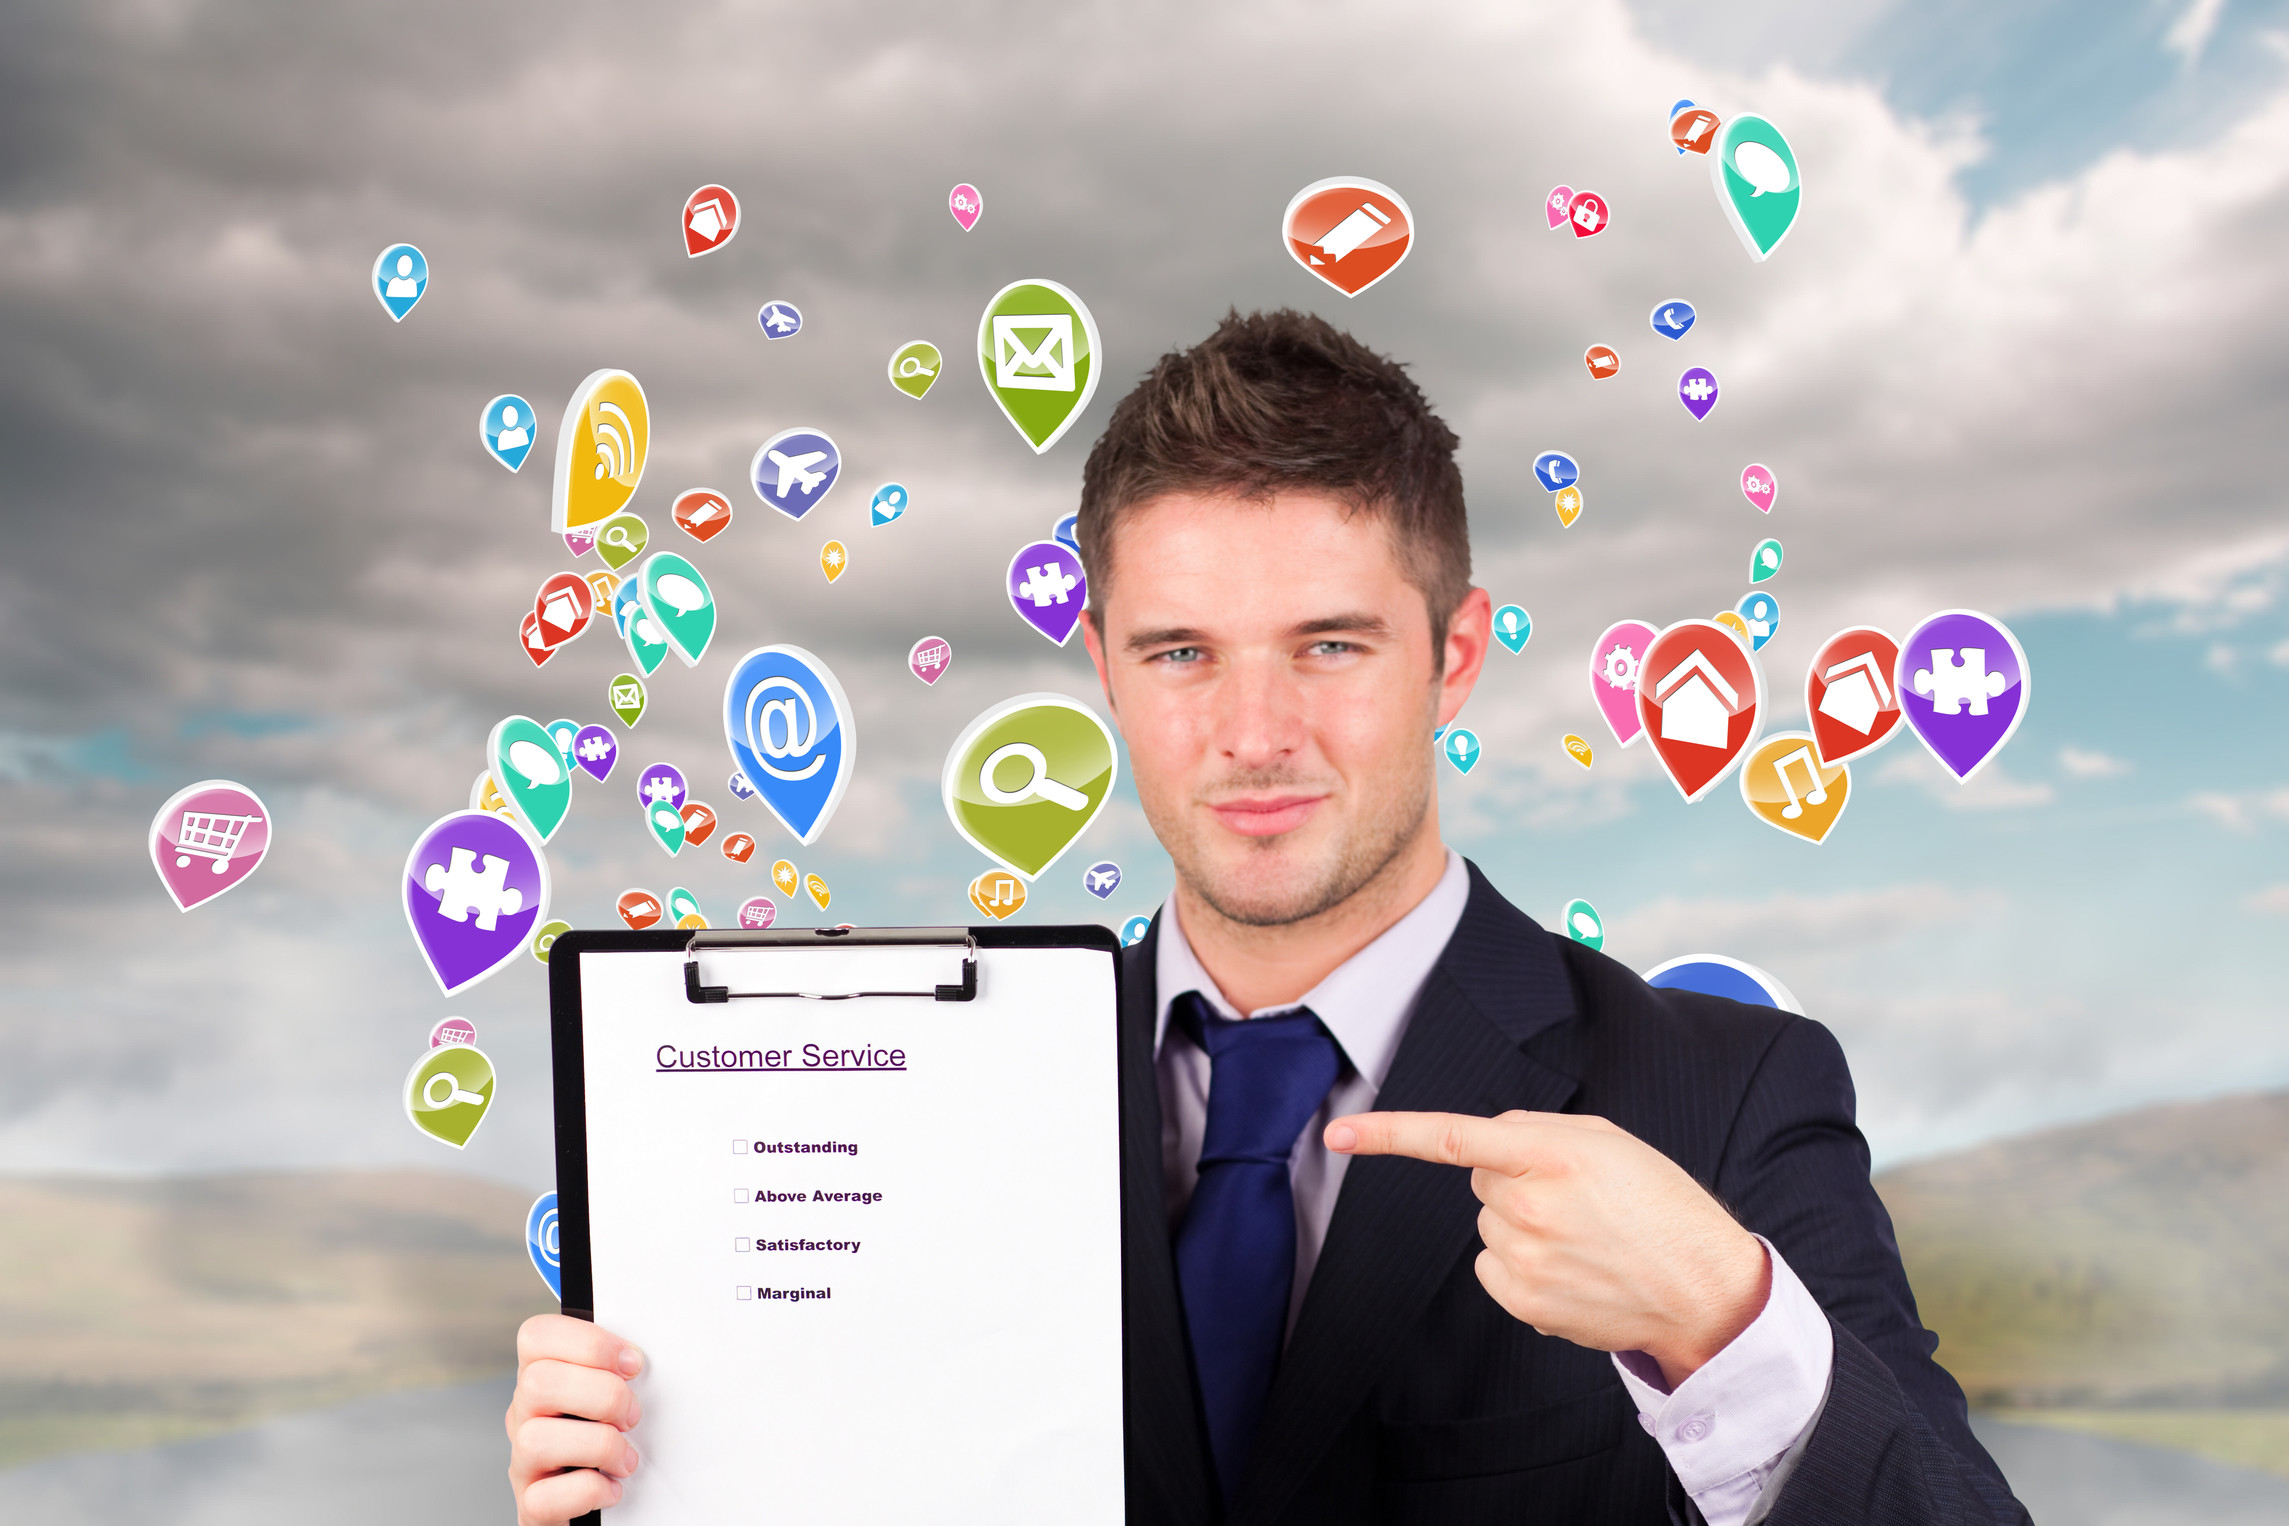 Repensez vos Applications Mobiles pour offrir [...]